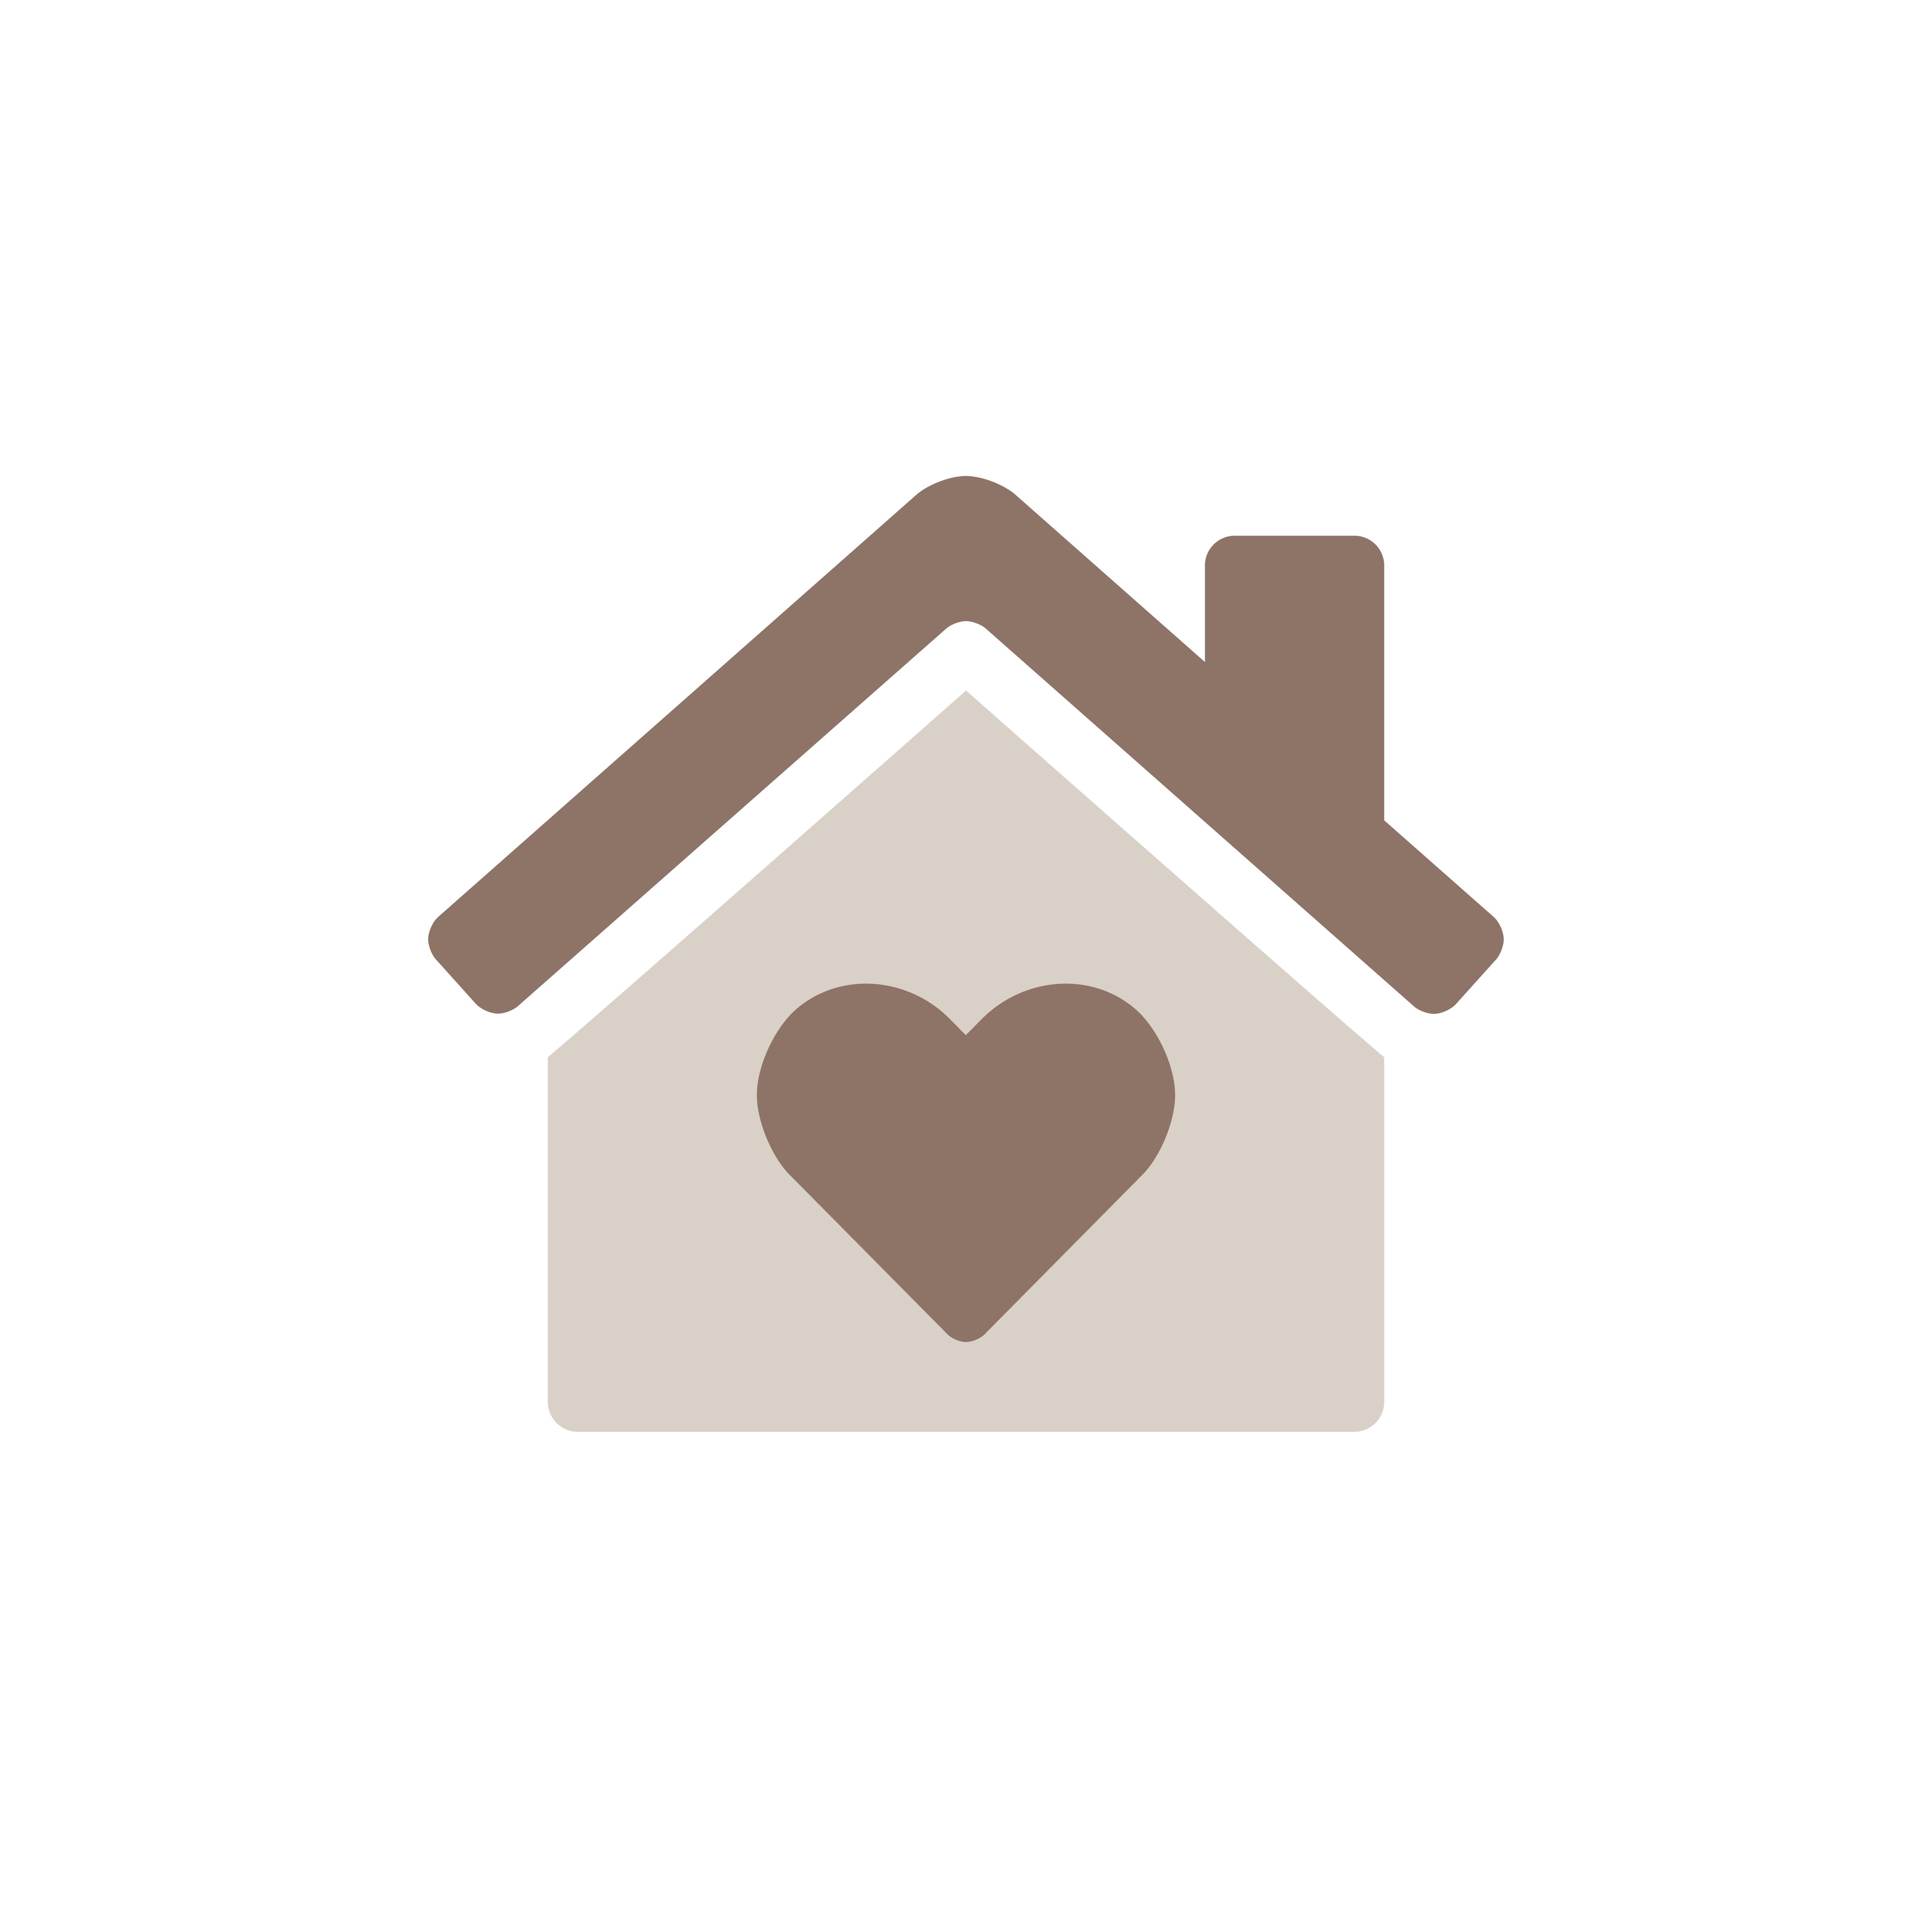 Contributi per l'affitto e per l'emergenza alloggiativa